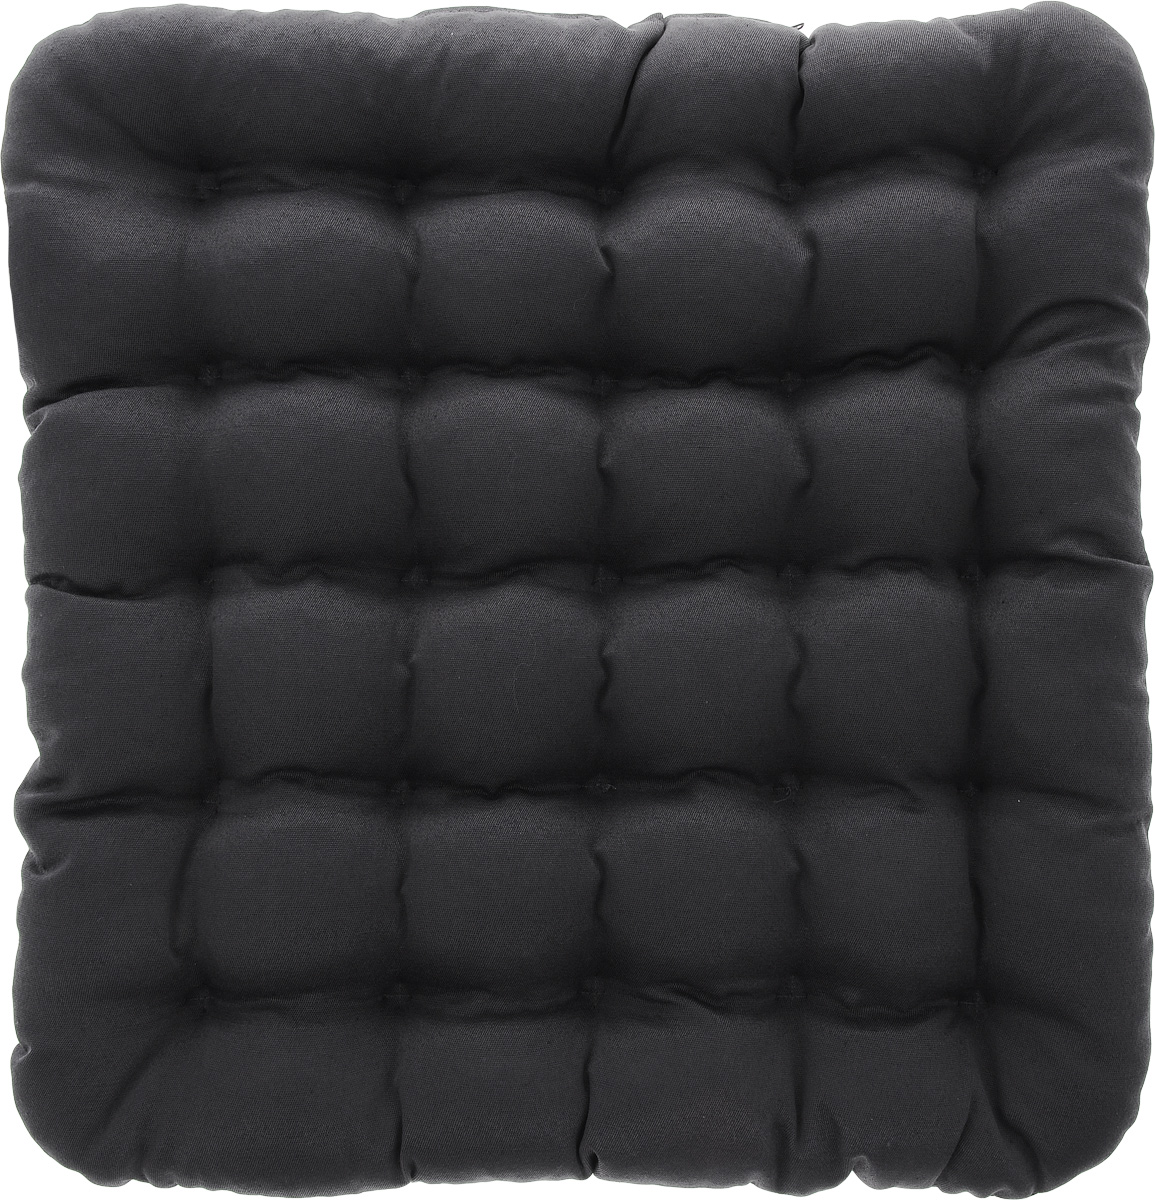 Подушка на стул Smart Textile Уют, наполнитель: лузга гречихи, 40 х 40 смT428Квадратная подушка Smart Textile Уют выполненаиз хлопчатобумажной ткани и полиэстера, внутри -наполнитель из лепестков гречишной лузги. Изделиепростегано на ячейки, тем самым обеспечивая еще большиймассажный эффект, а плотная износостойкая ткань хорошоудерживает наполнитель, сохраняет форму и обеспечиваетдолгий срок службы. Наполнитель из лепестков лузги гречихи обладает ортопедическими свойствами,обеспечивает микромассаж кожи поверхностных мышц, снимает напряжение и стимулируеткровообращение, улучшает тем самым общее самочувствие.Подушка Smart Textile Уют прекрасно подходит длялюбых стульев и кресел. Застежка-молния позволяетрегулировать плотность наполненности подушки.Подушка упакована в пластиковую сумку-чехол на застежке- молнии с ручкой длякомфортной переноски и хранения.Рекомендации по уходу:- Стирка запрещена, - Нельзя отбеливать, - Не гладить, - Химчистка только с использованием углеводорода, хлорногоэтилена, - Сушить на горизонтальной поверхности.Материал чехла: смесовая ткань (35% хлопчатобумажнаяткань, 65% полиэстер).Материал наполнителя: лузга гречихи.